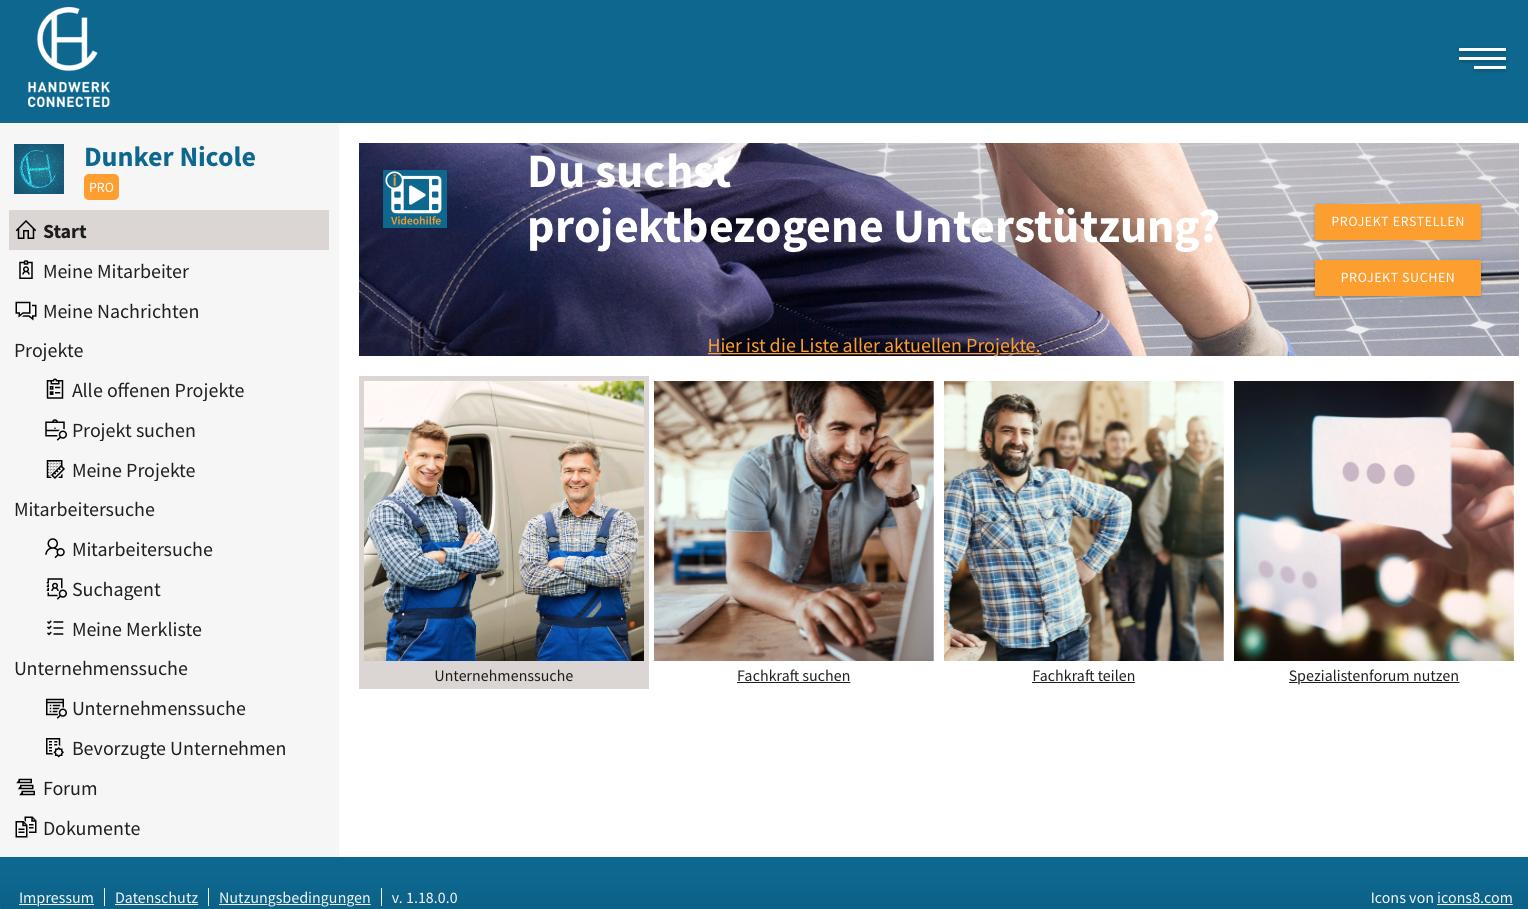 Startseite der Vermittlungsplattform Foto: © Handwerk Connected GmbH